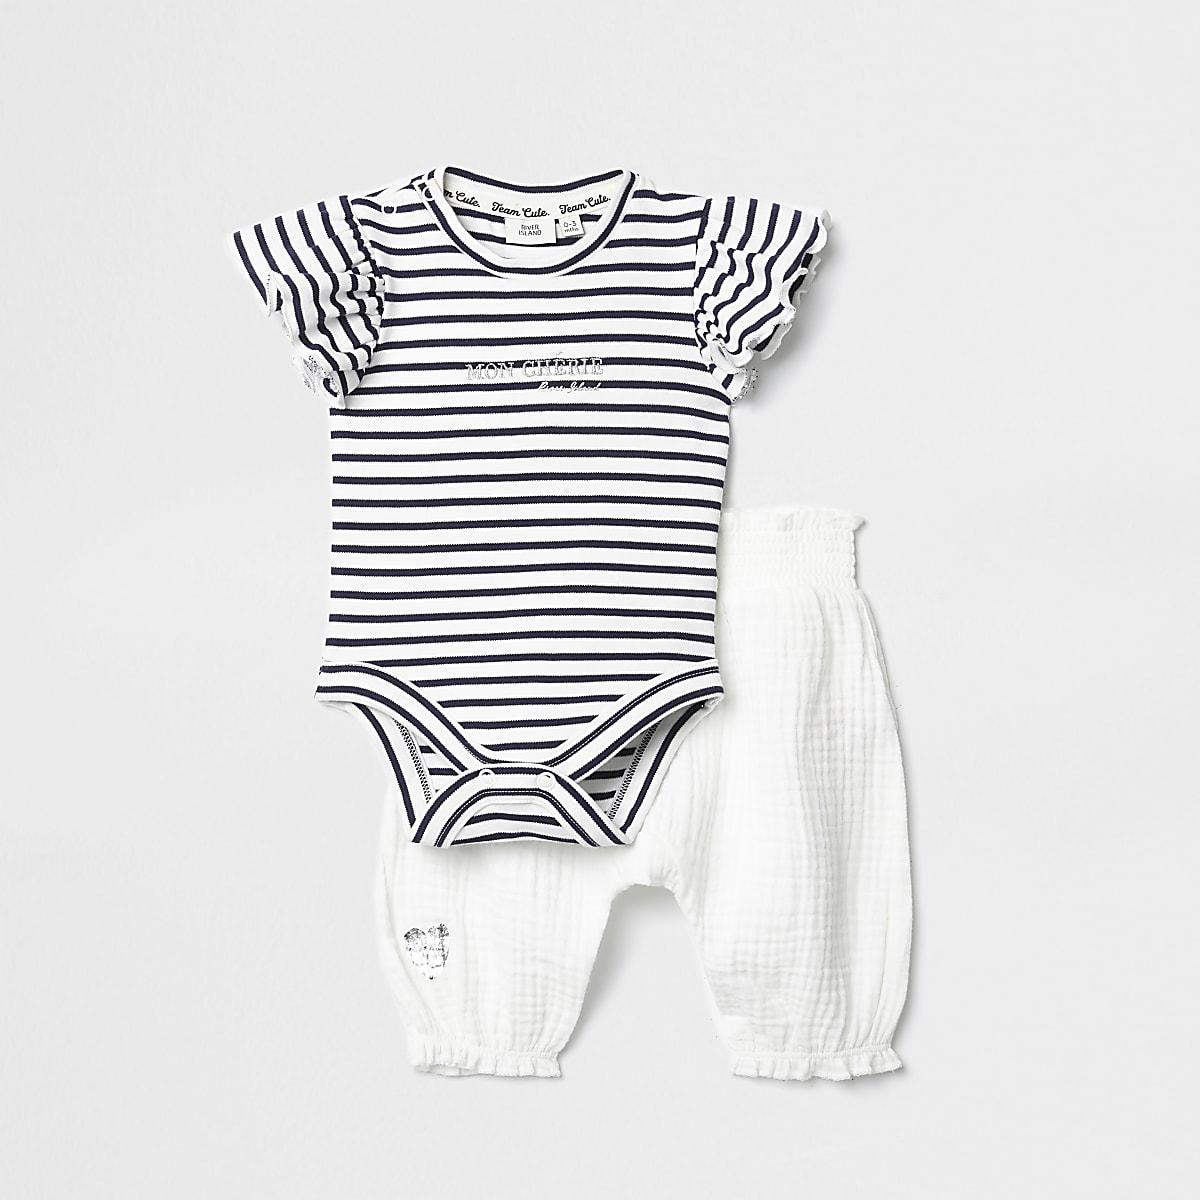 Outfit met witte gestreepte babygrow broek voor baby's